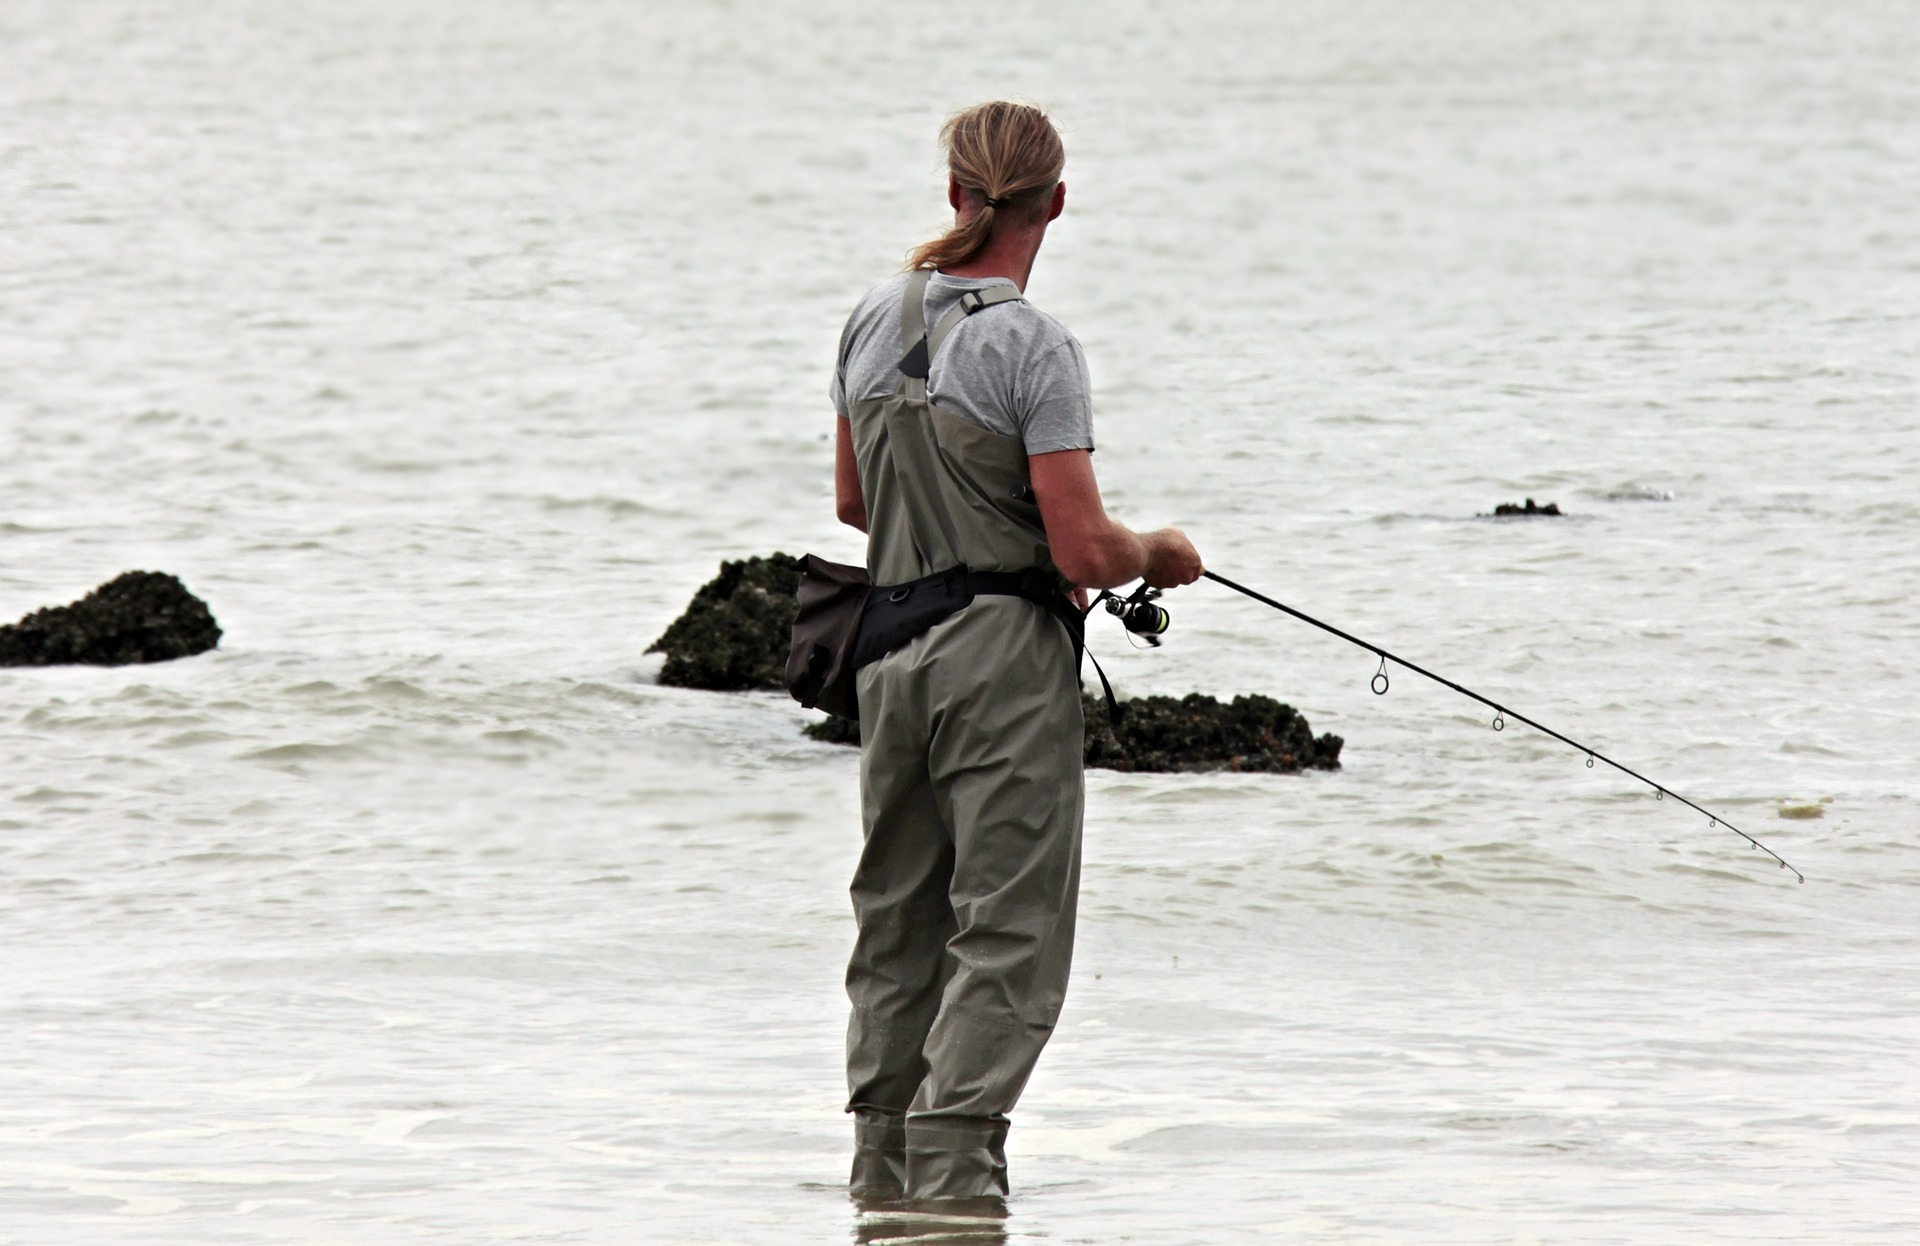 Jornadas de pesca: ¿qué debemos llevar?